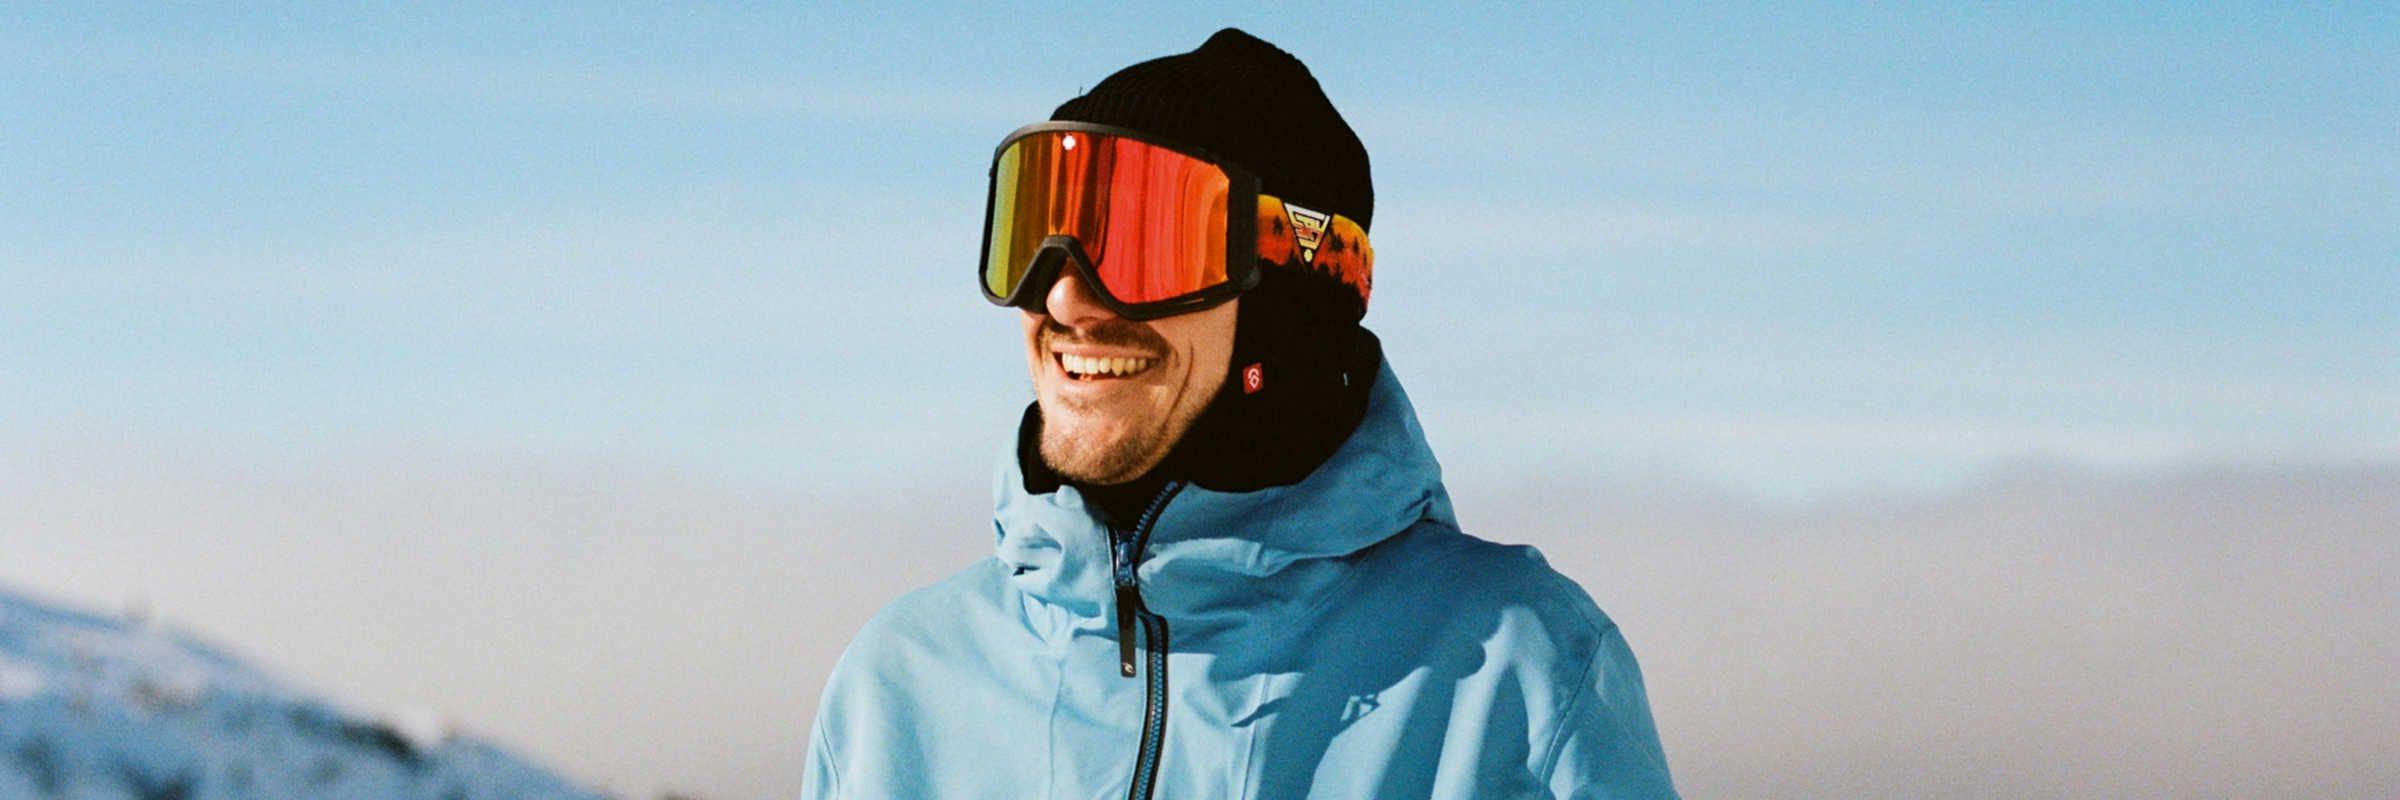 Pourquoi mes lunettes de ski font-elles de la buée et comment régler le problème?